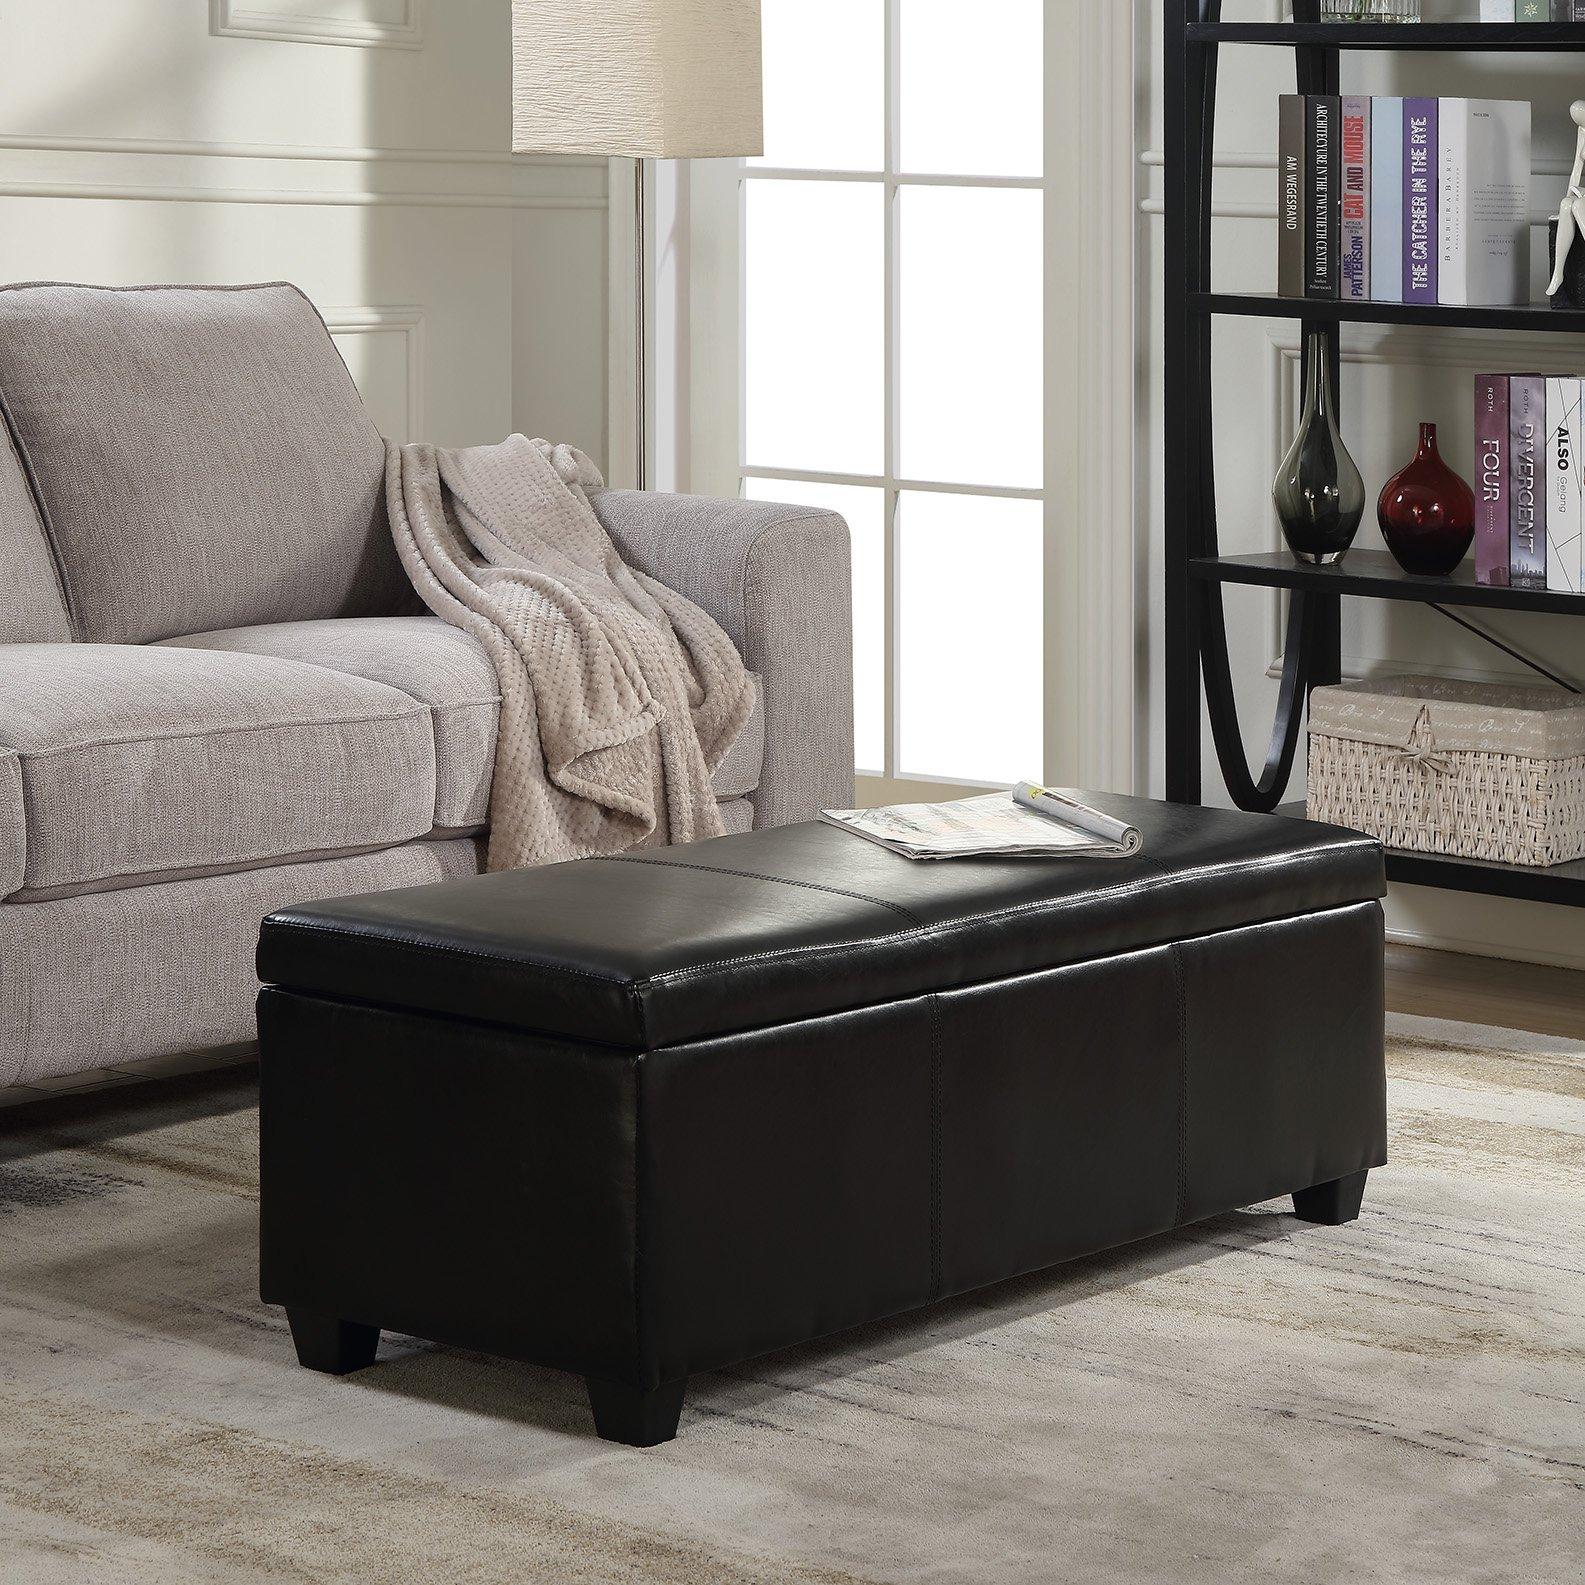 Belleze 48'' inch Long Rectangular Upholstered Storage Elegant Ottoman Bench, Black by Belleze